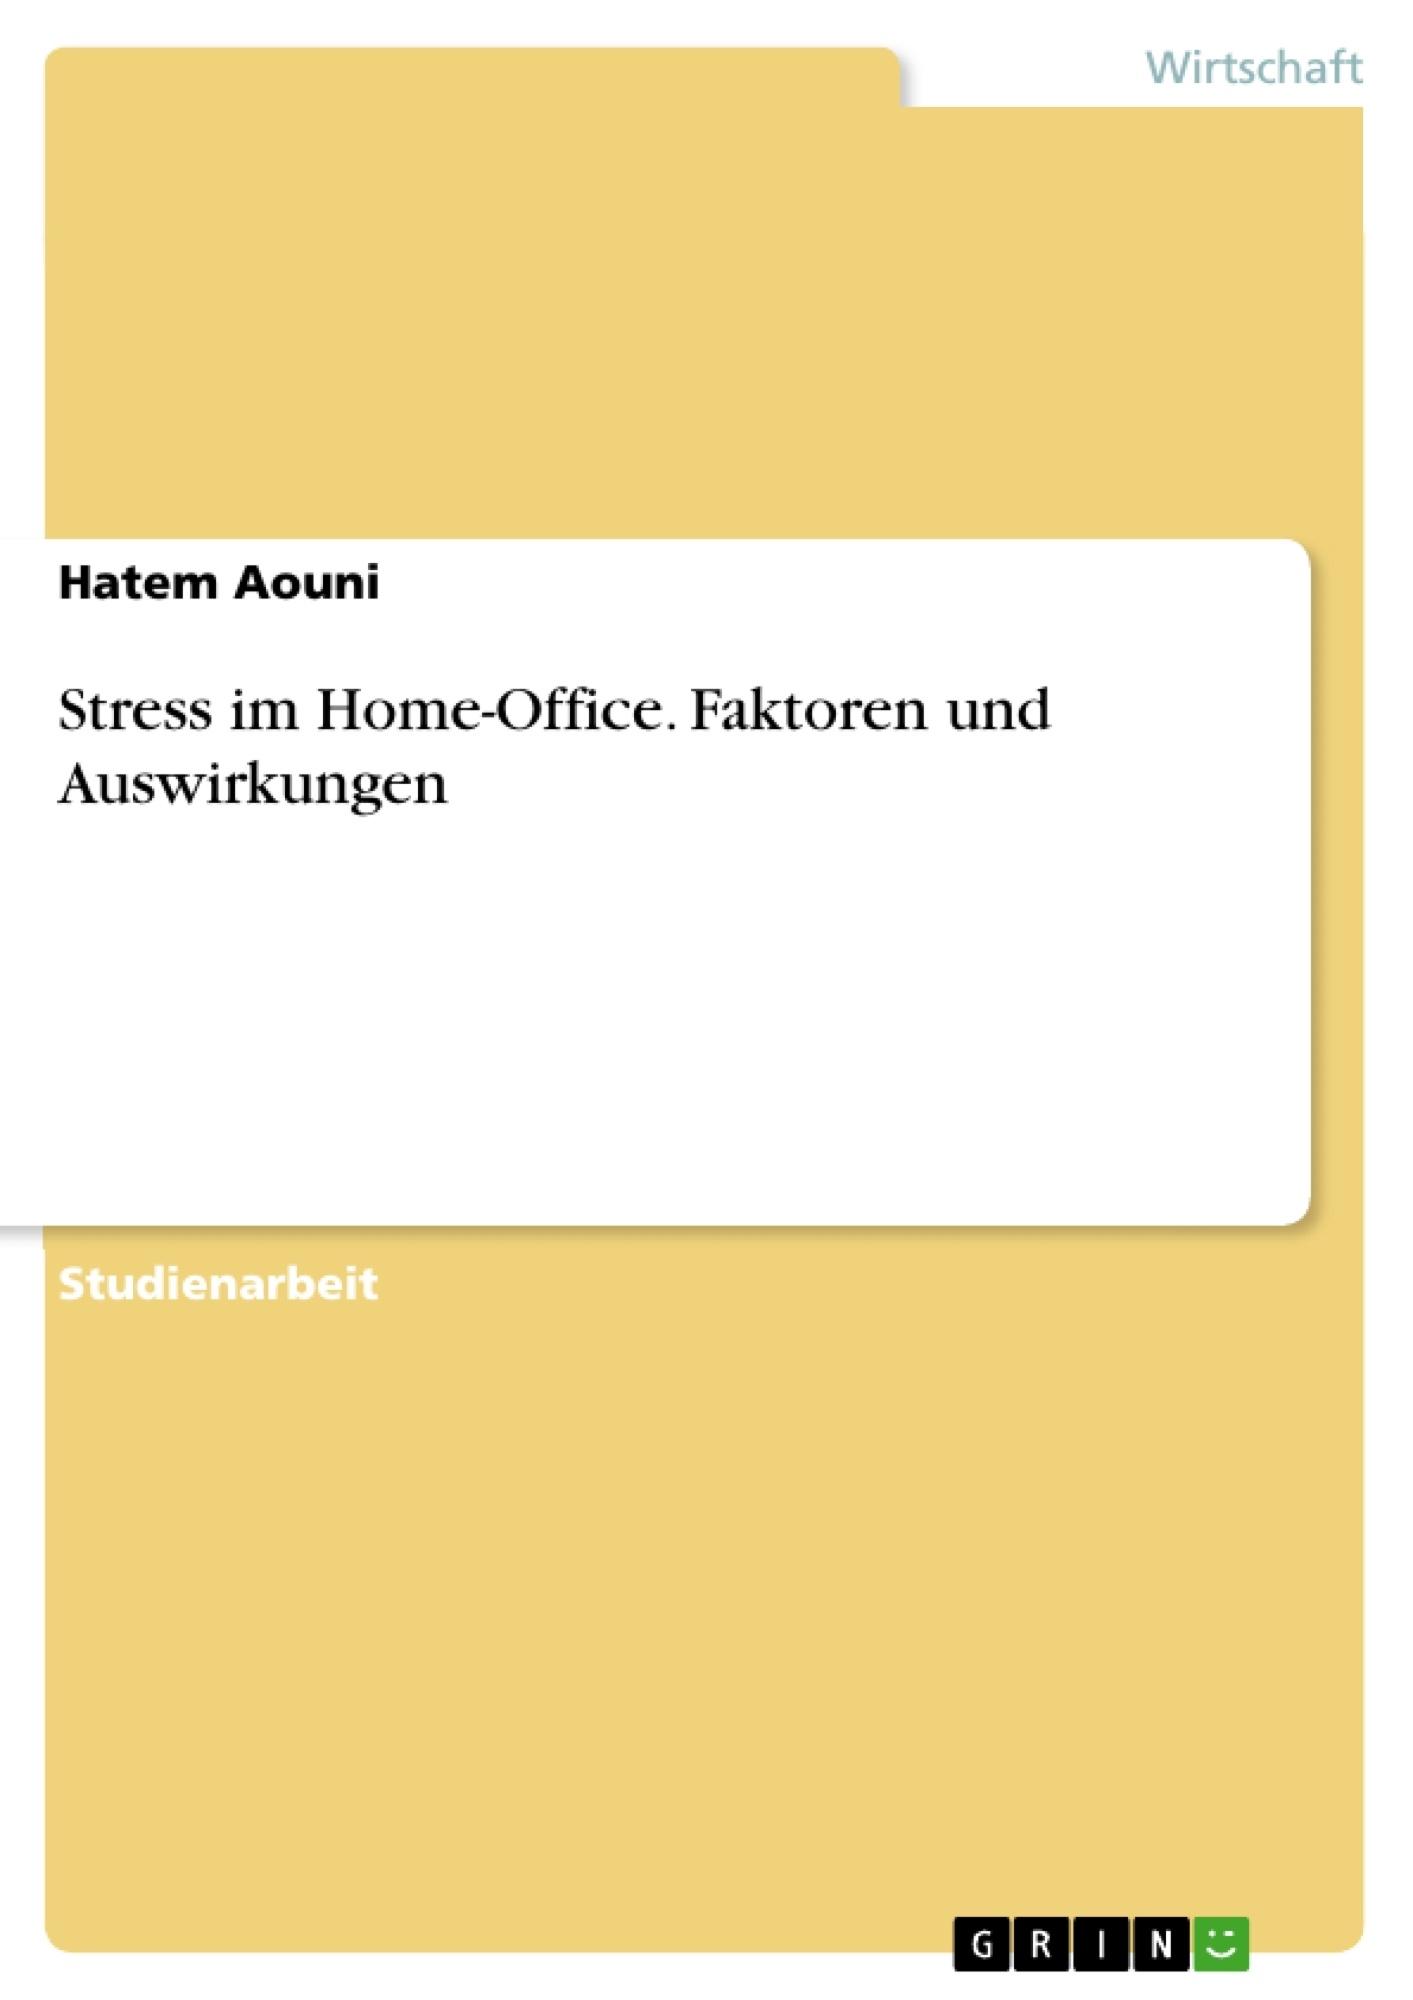 Titel: Stress im Home-Office. Faktoren und Auswirkungen